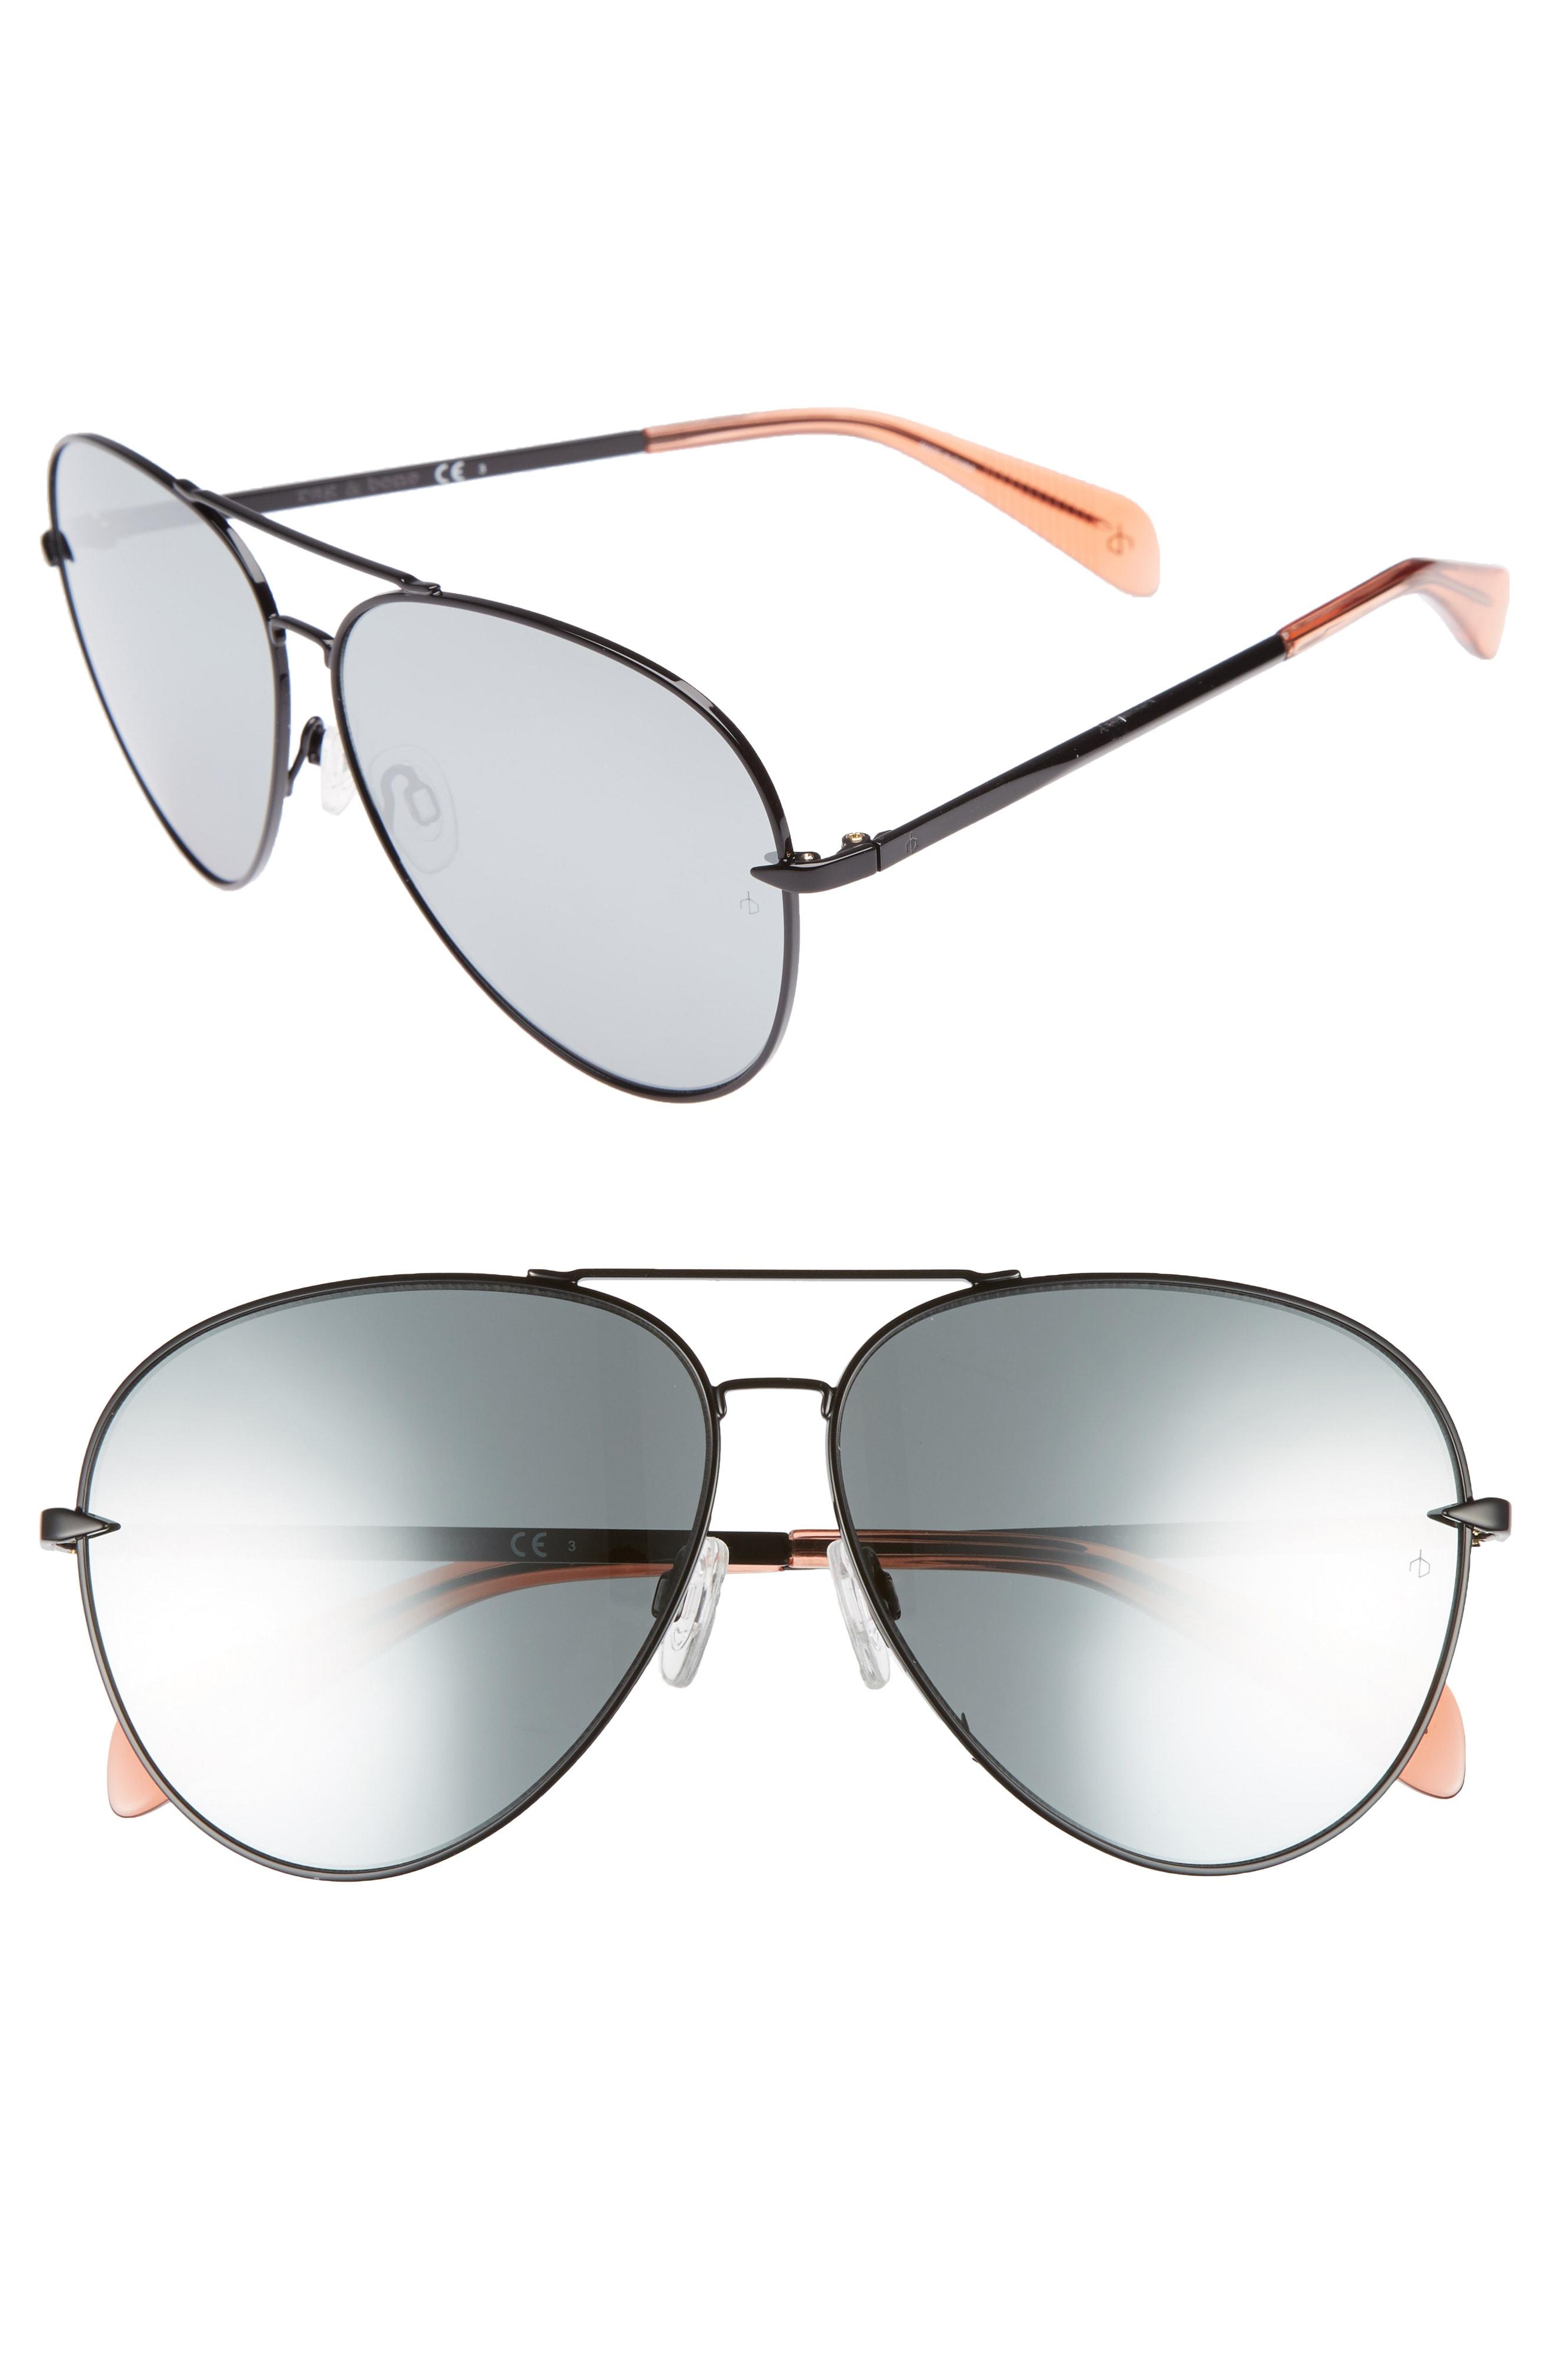 rag & bone 63mm Oversize Aviator Sunglasses